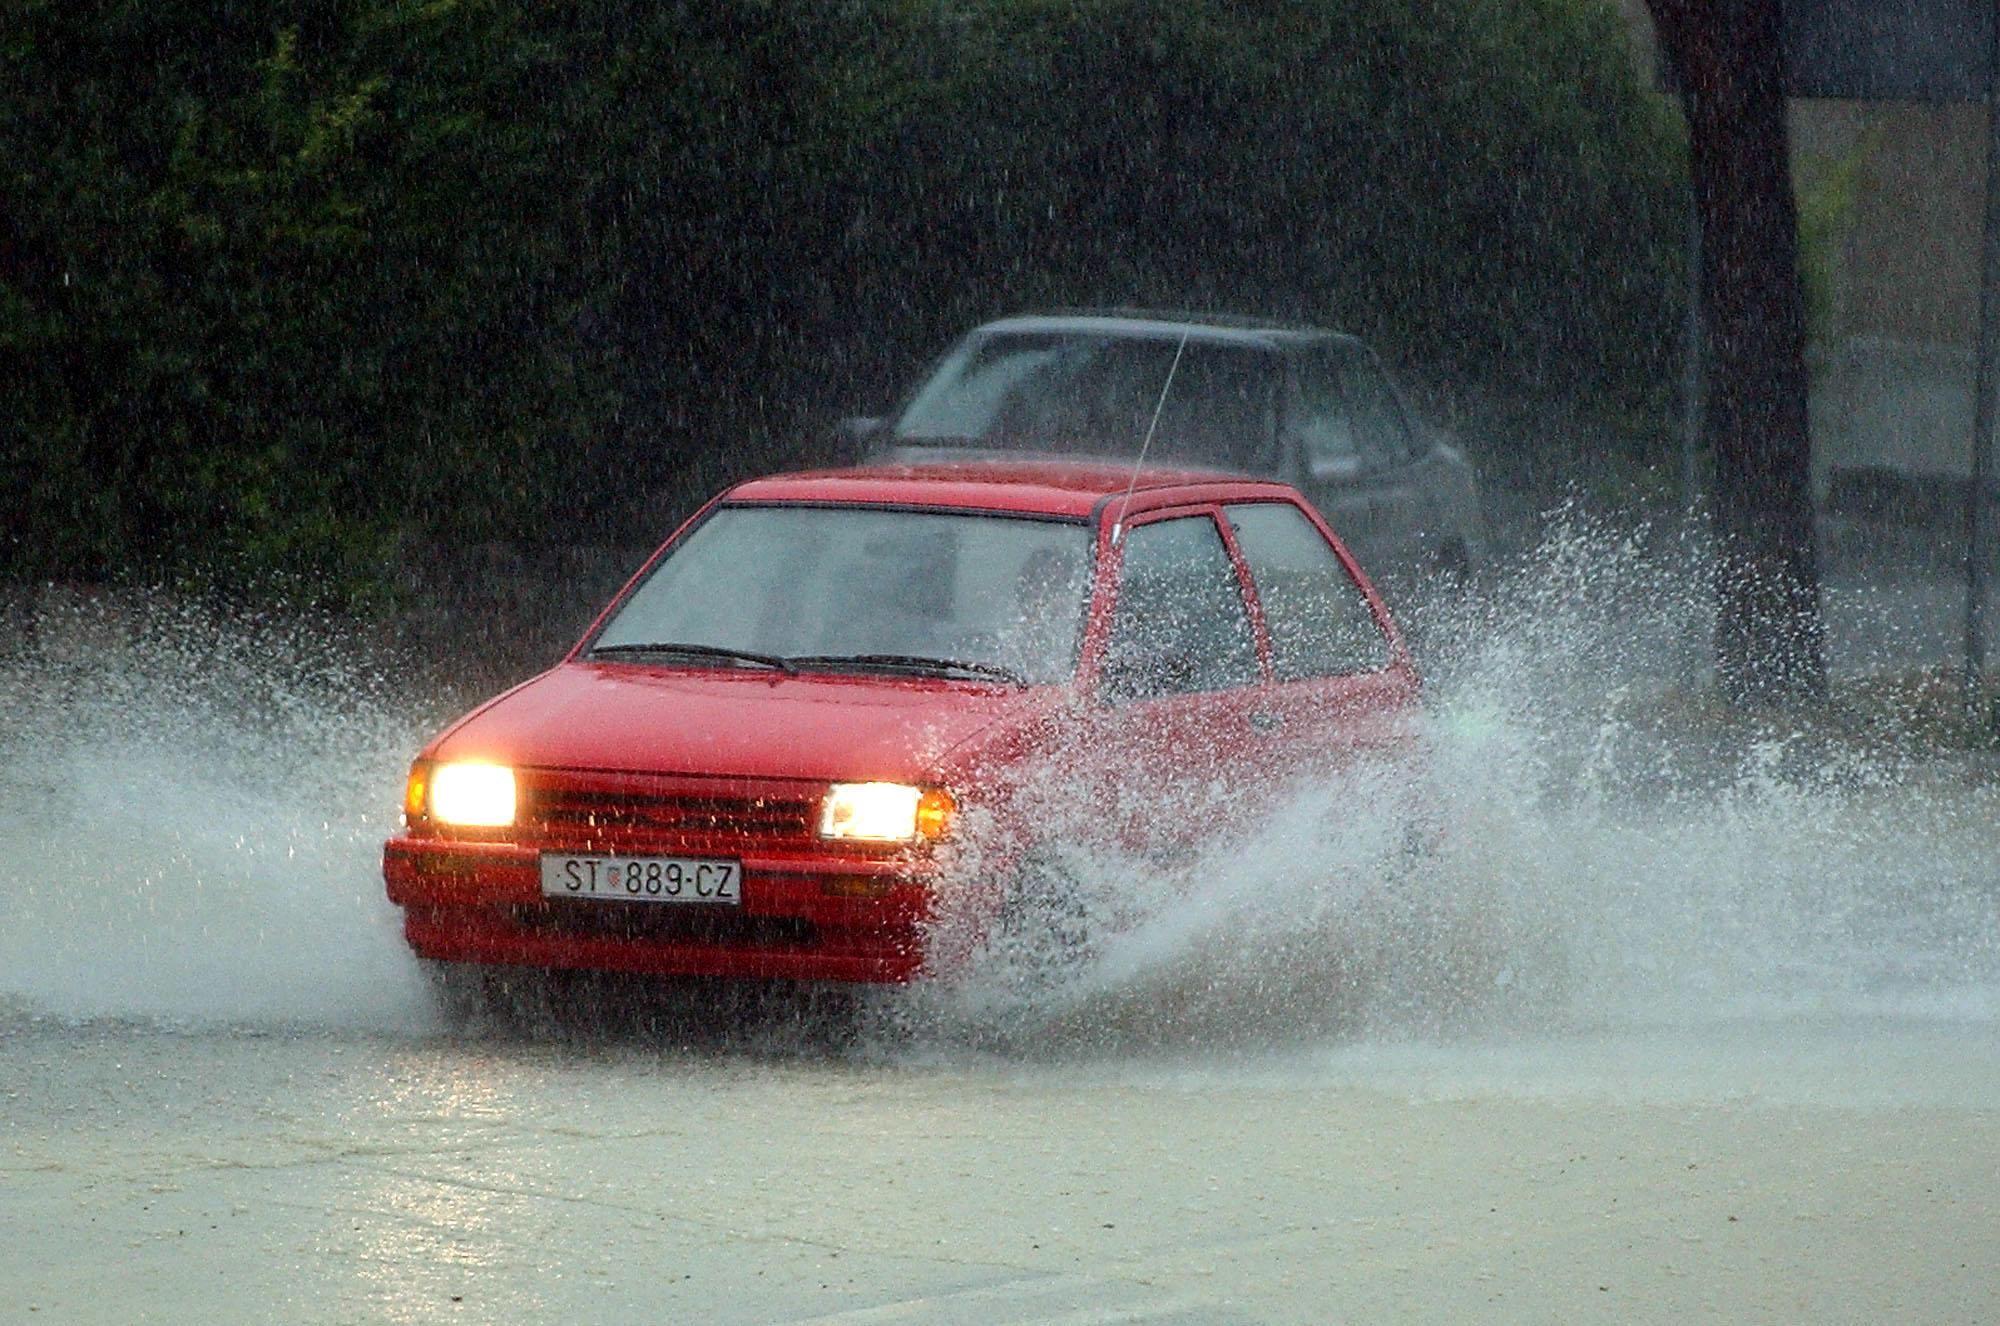 Zbog jake kiše u Splitu 120 poziva vatrogascima